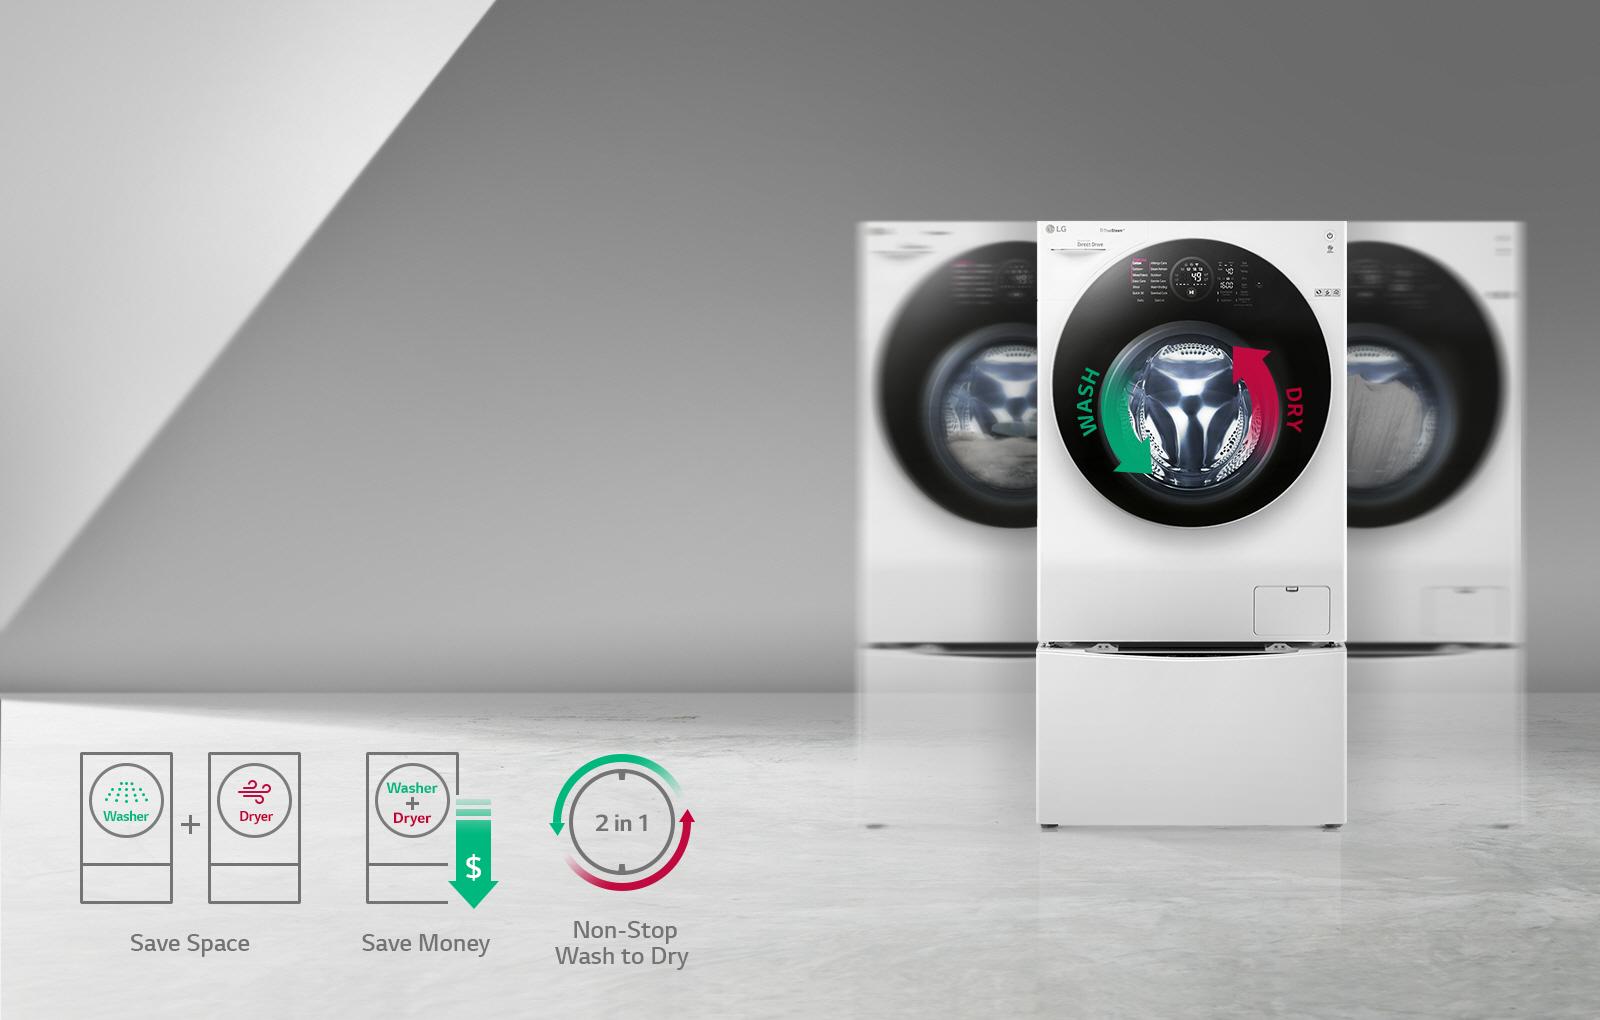 Tvätt och tork i samma maskin